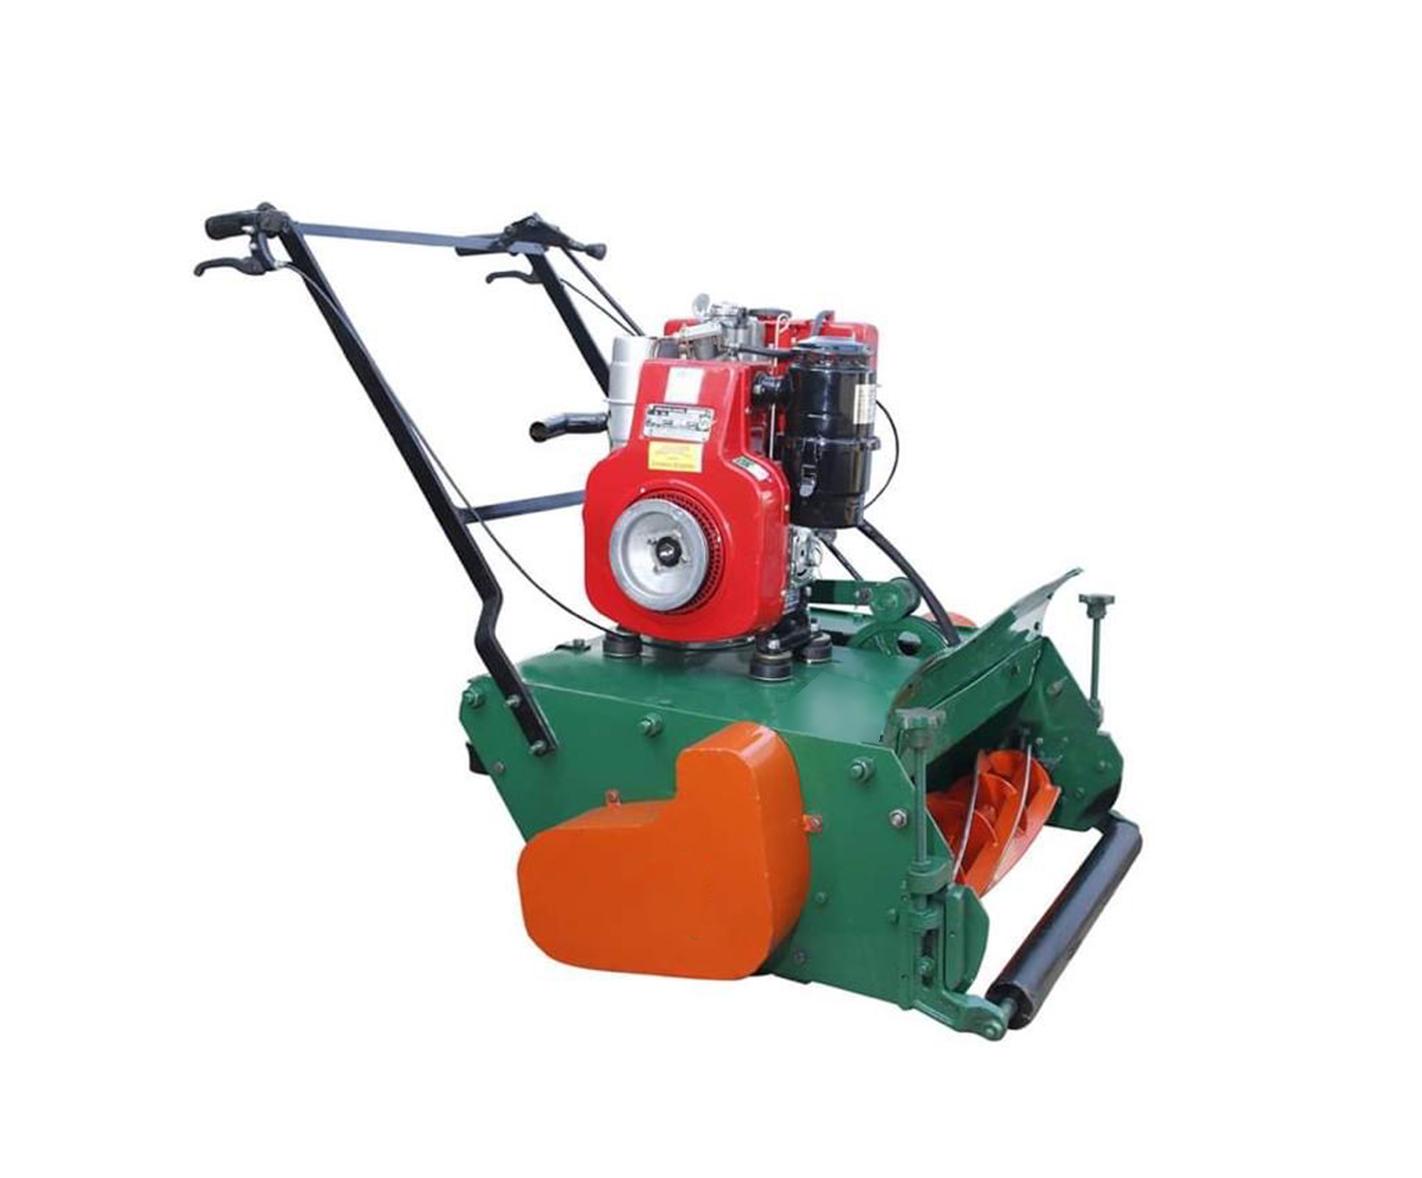 Diesel Lawn Mower Powered